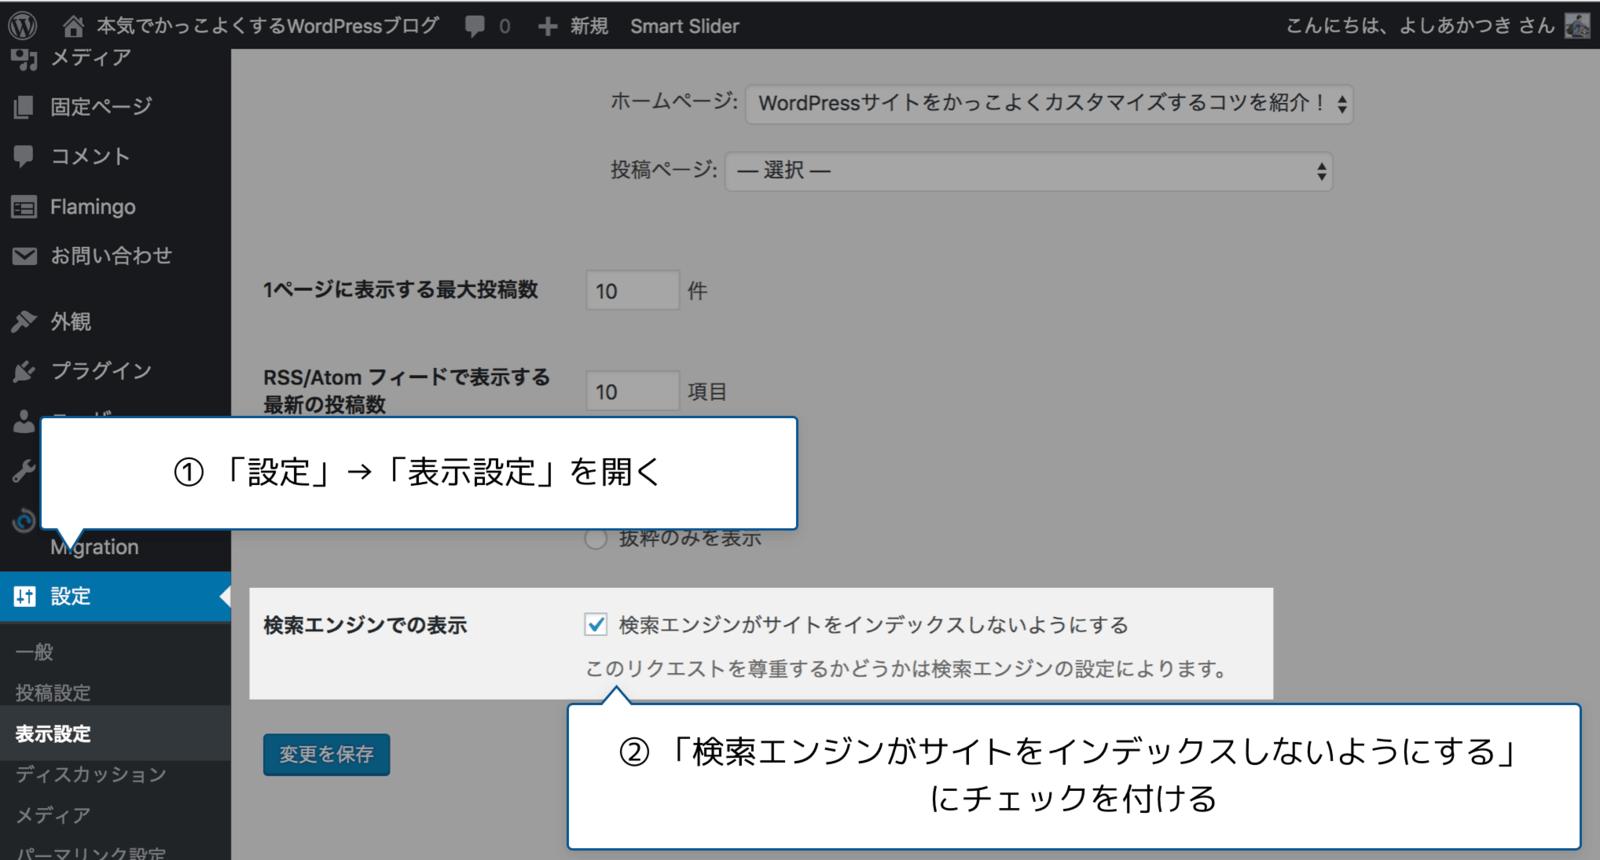 「検索エンジンがサイトをインデックスしないようにする」にチェックを付けてサイトが検索エンジンに表示されないようにする